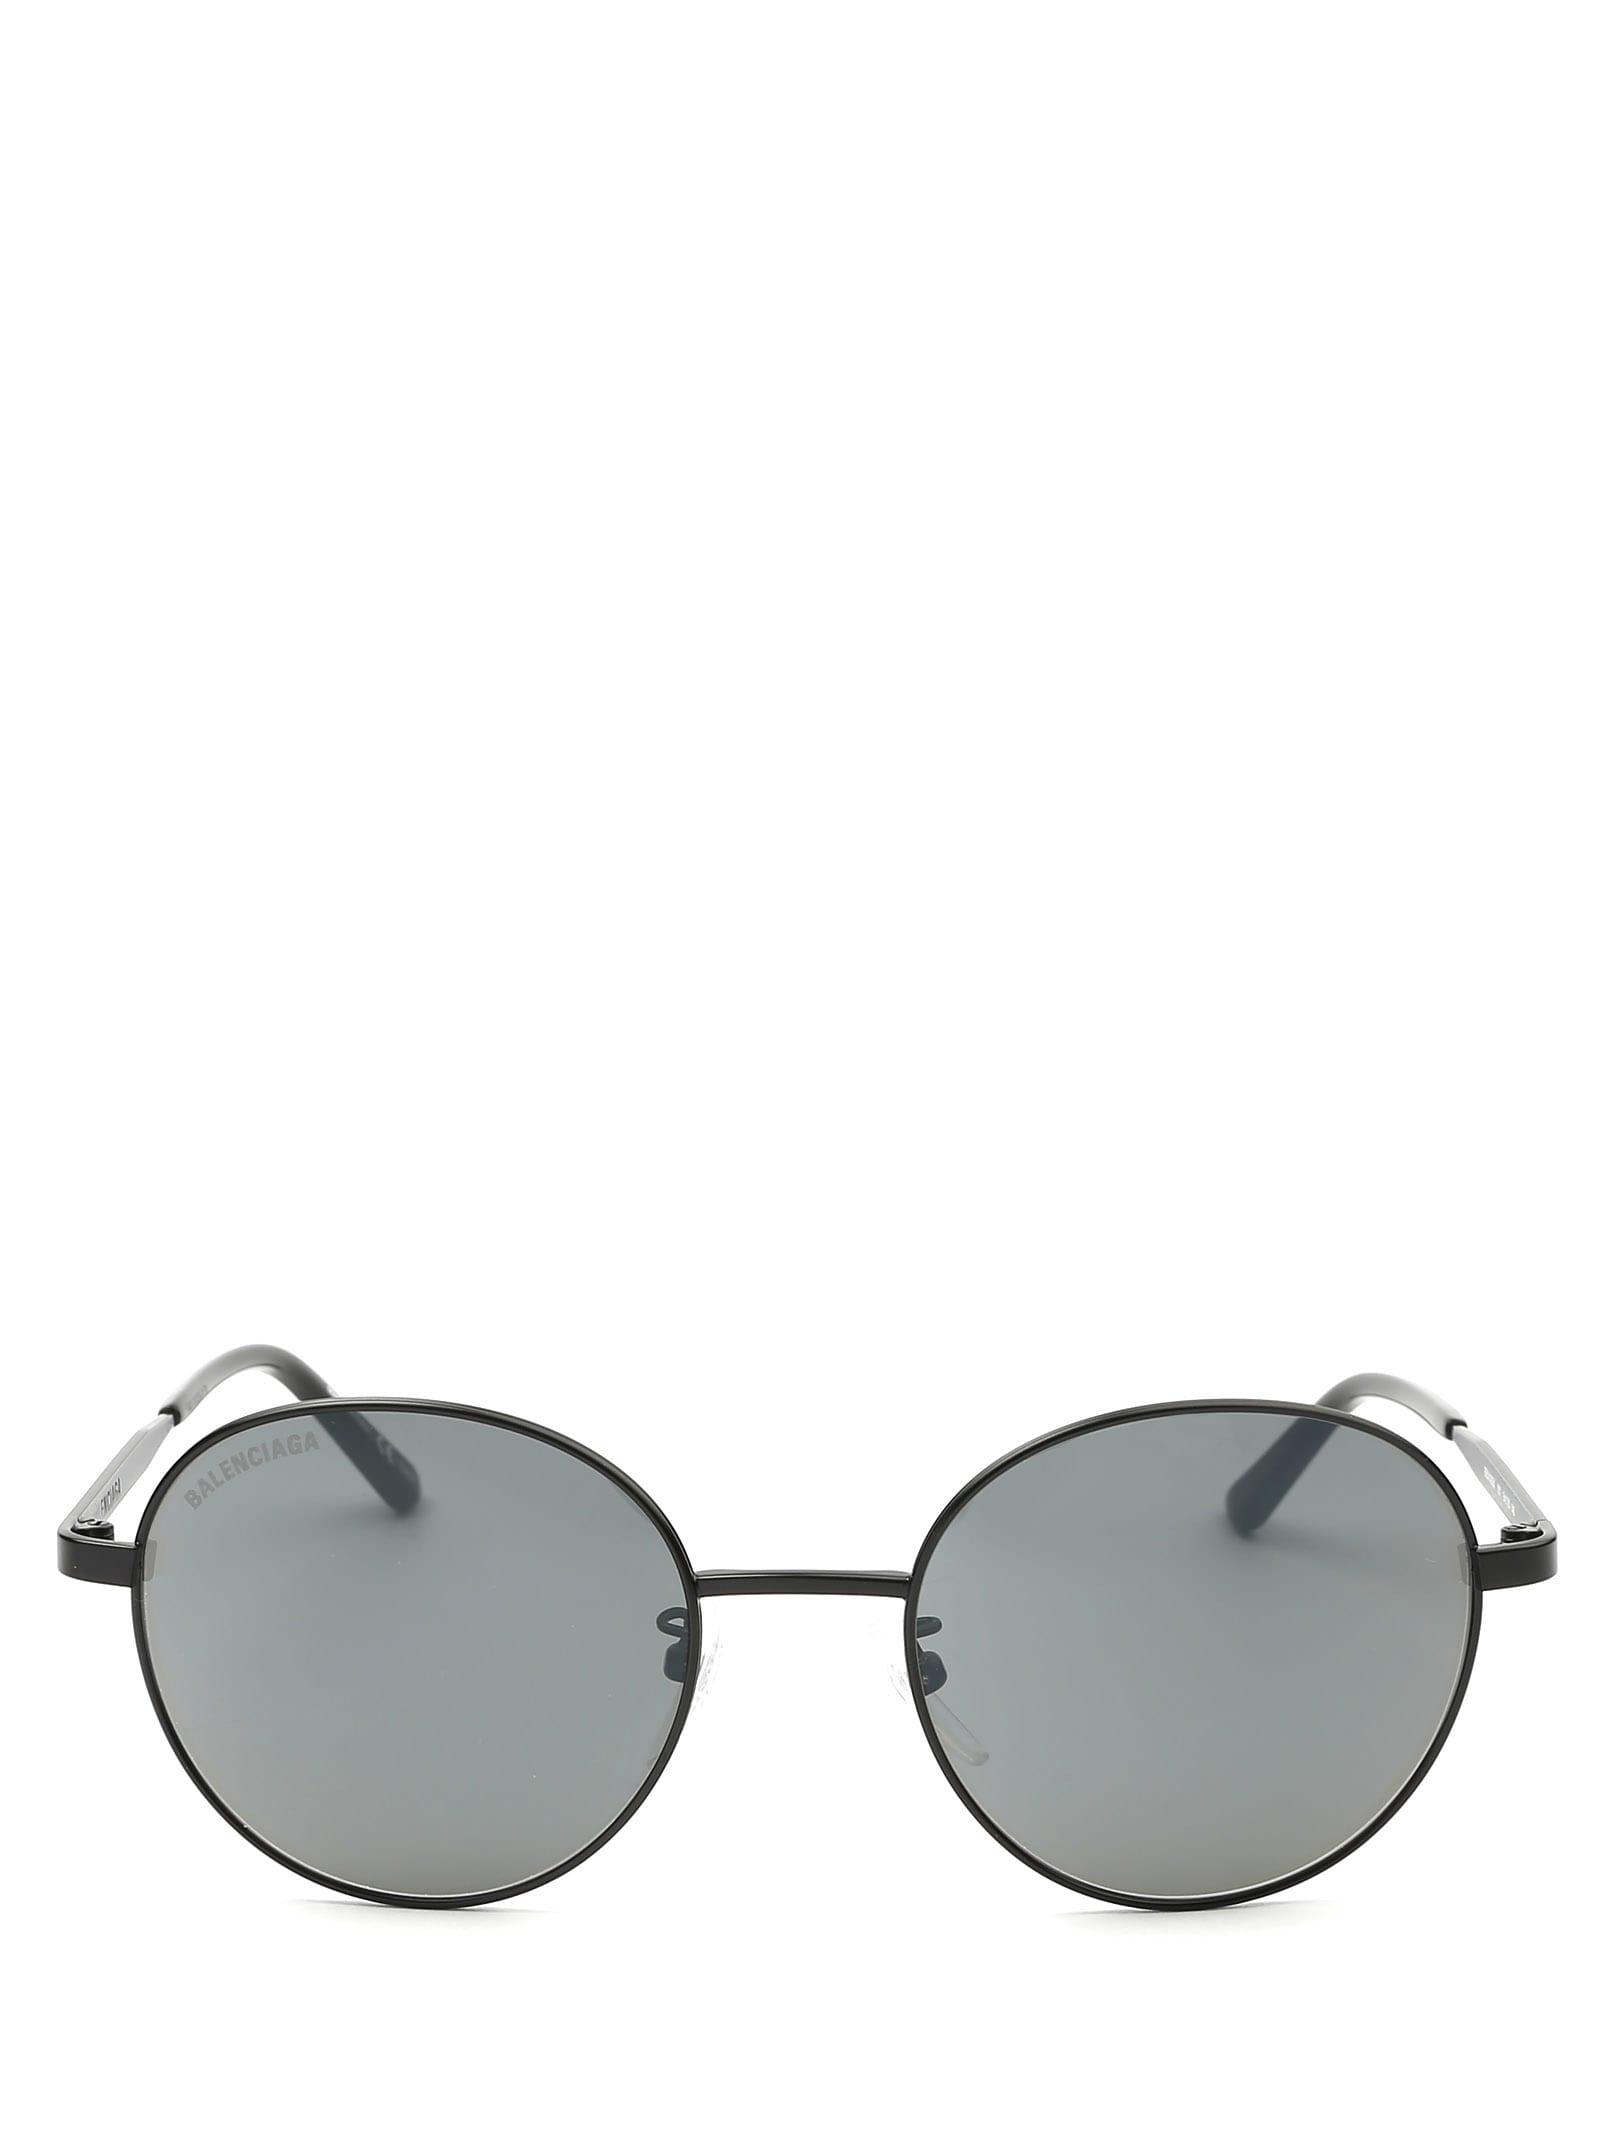 Balenciaga Balenciaga Bb0009sk Black Sunglasses